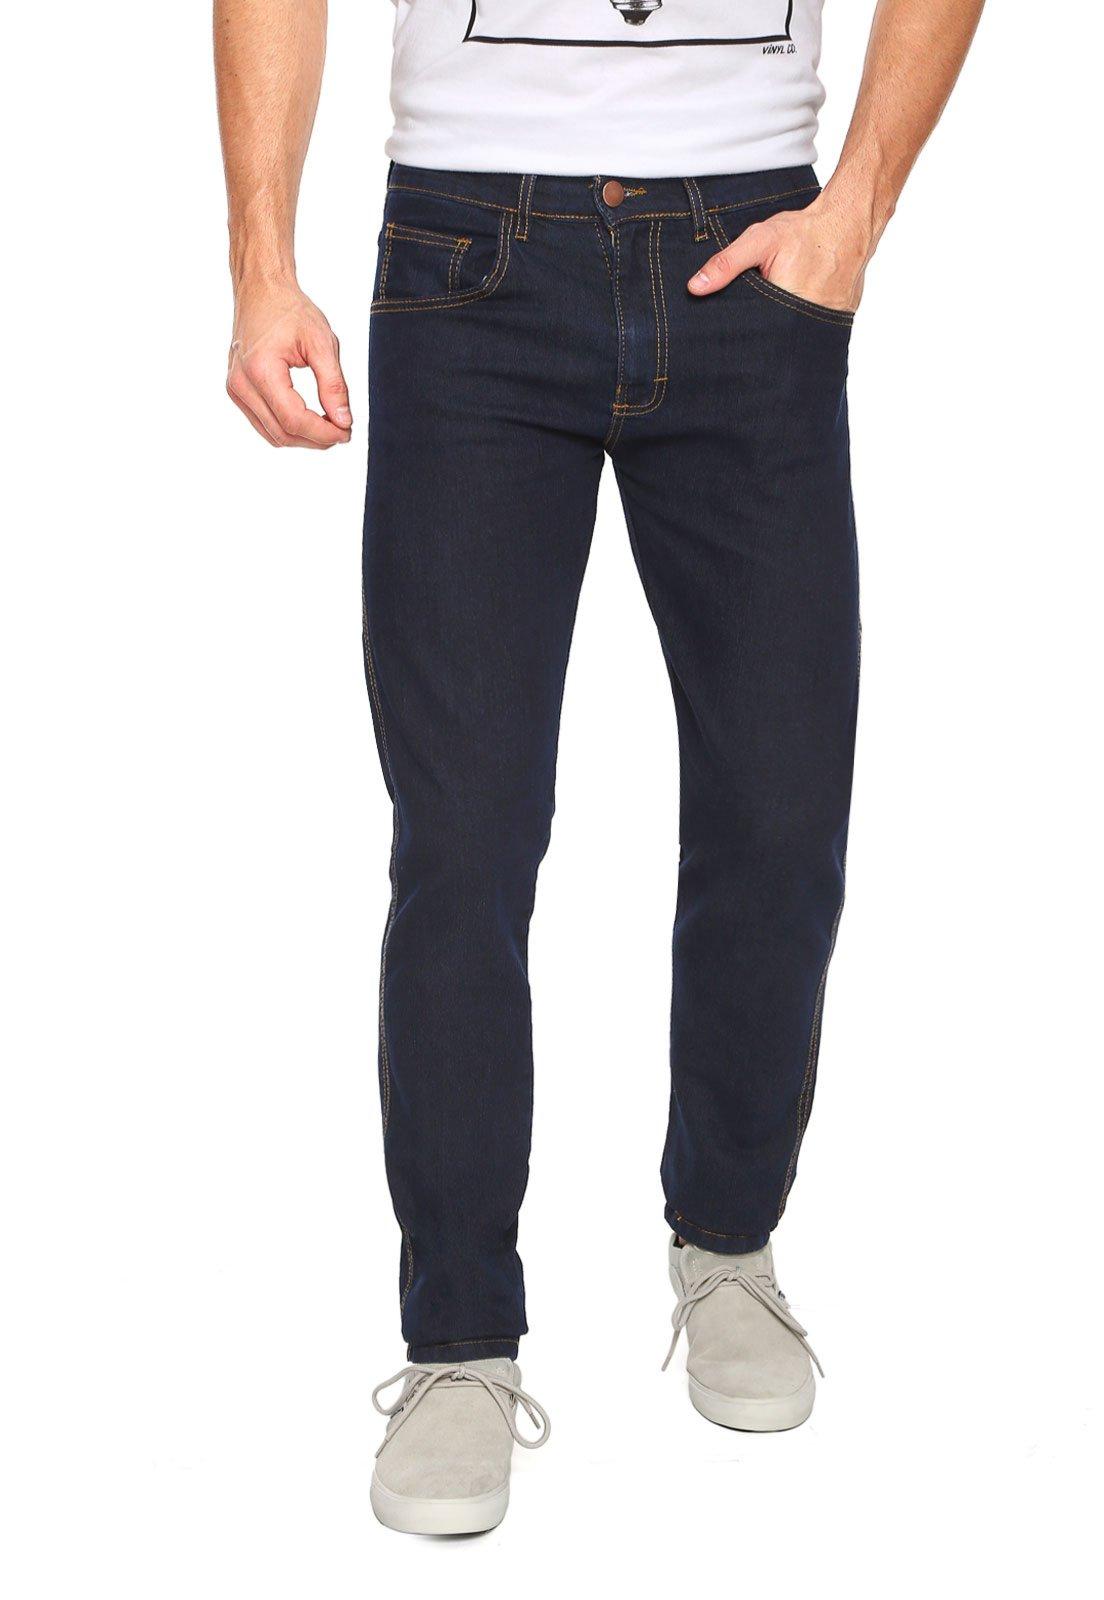 c02ad46a5d415 Black Friday  calças em promoção